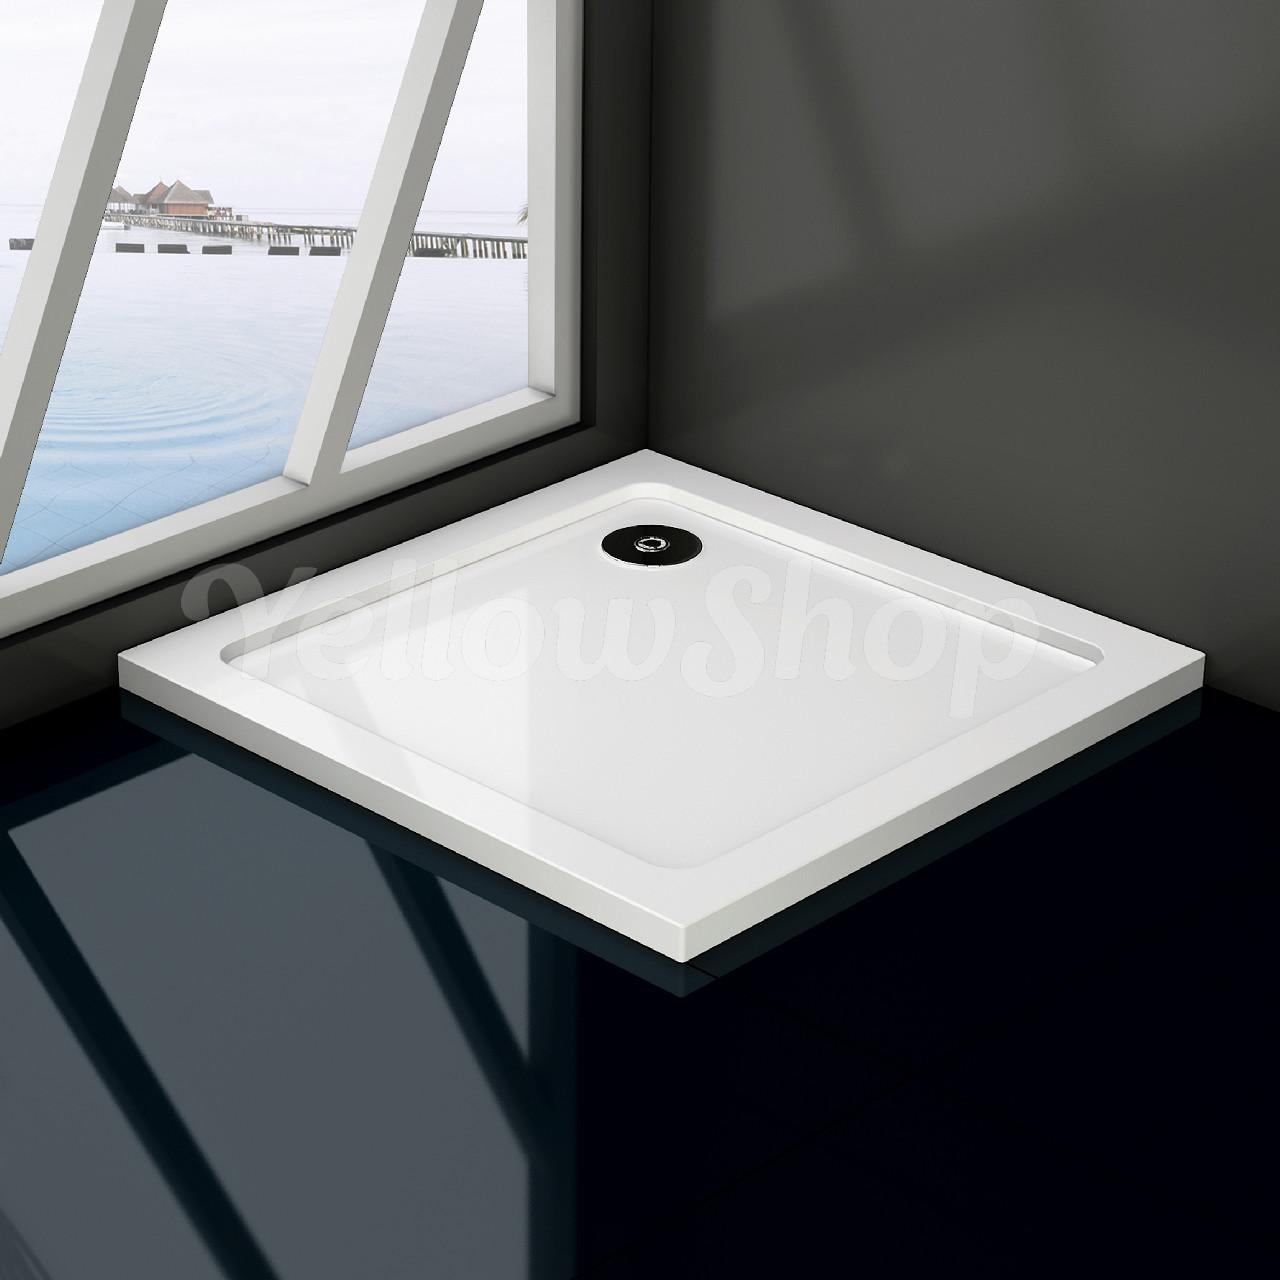 Piatto doccia resina massa piena slim sottile bianco curvo for Piatto doccia misure